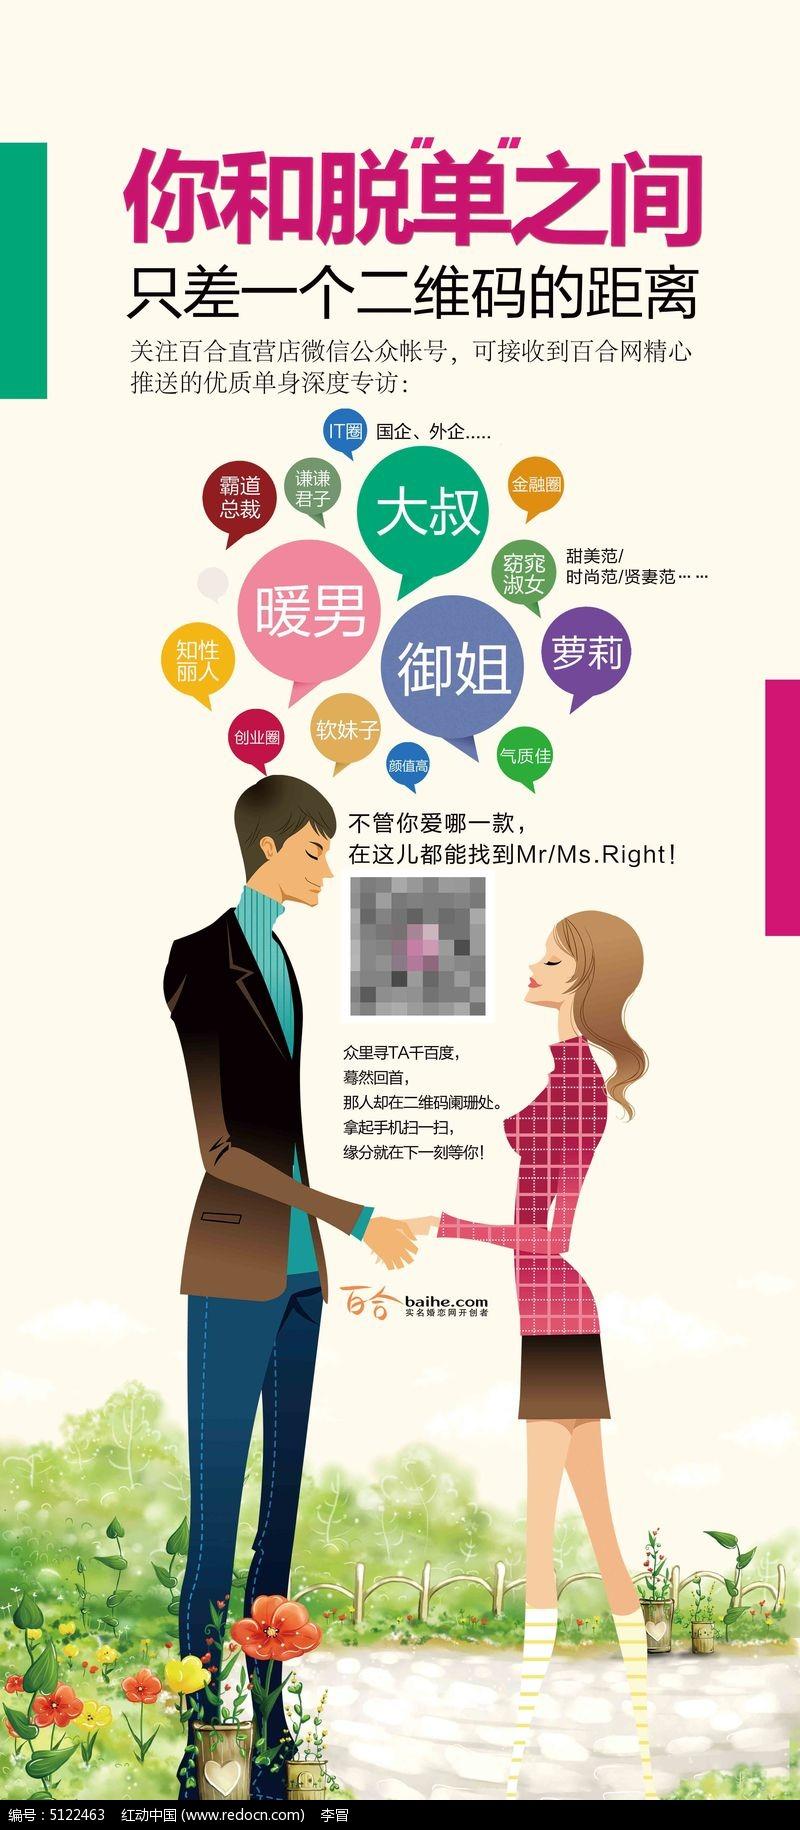 原创设计稿 海报设计/宣传单/广告牌 x展架|易拉宝背景 百合网相亲